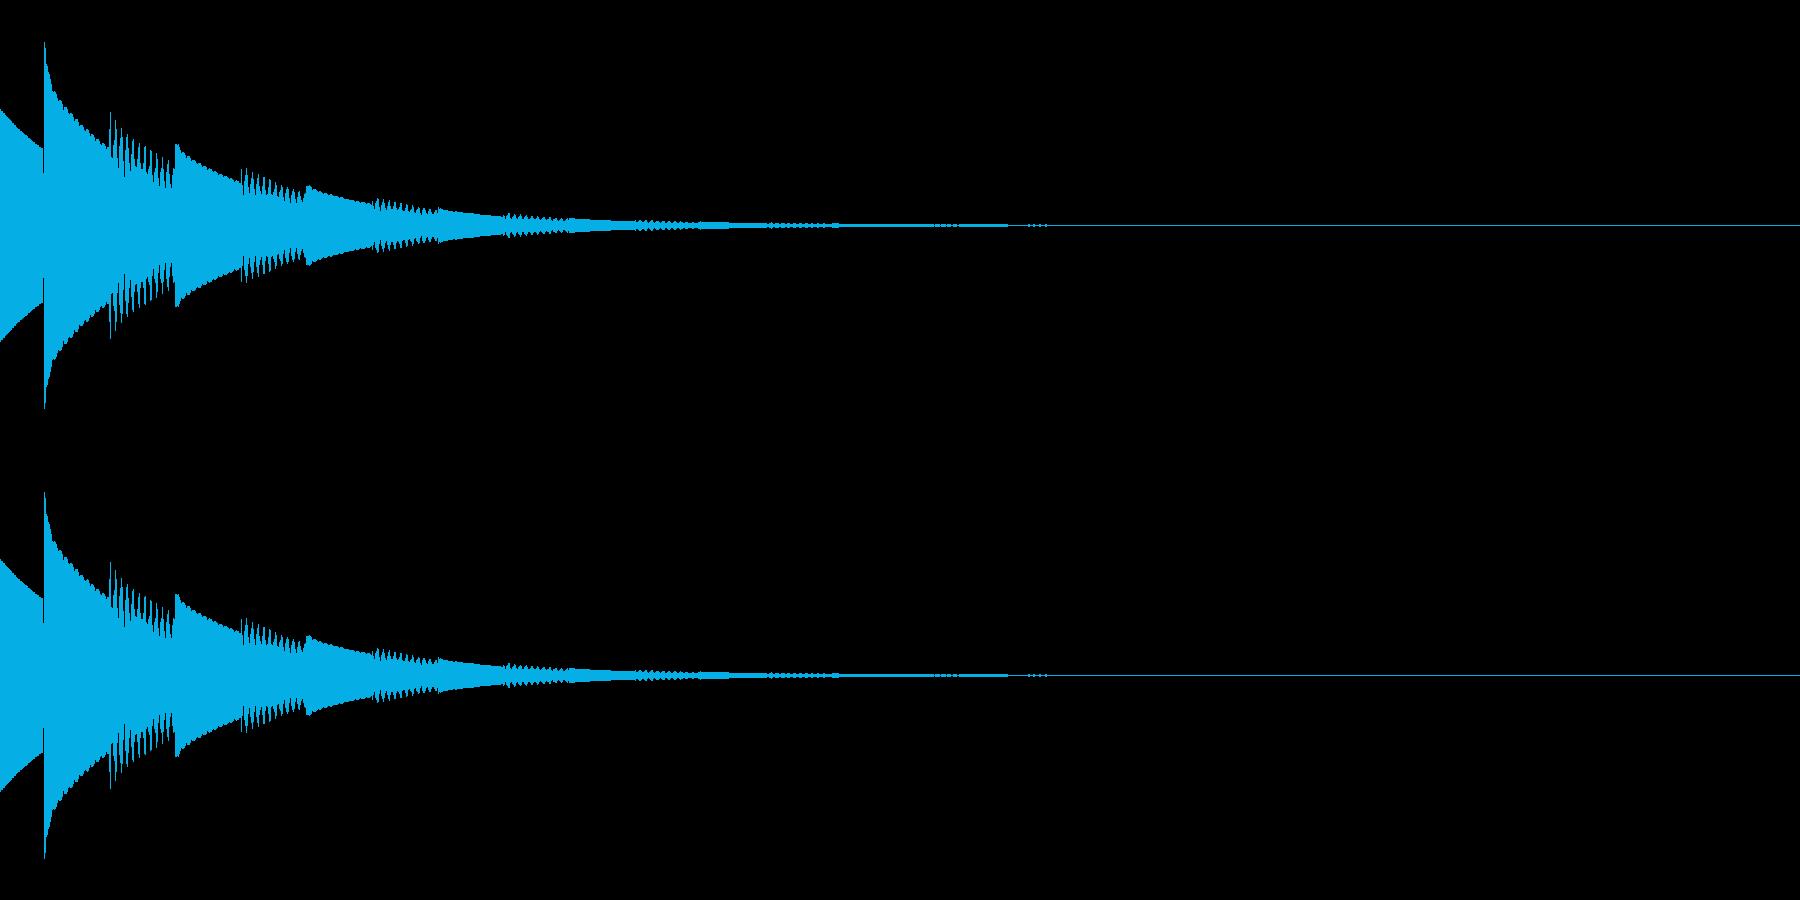 キラキラ(星/コイン/アイテム/エコー)の再生済みの波形